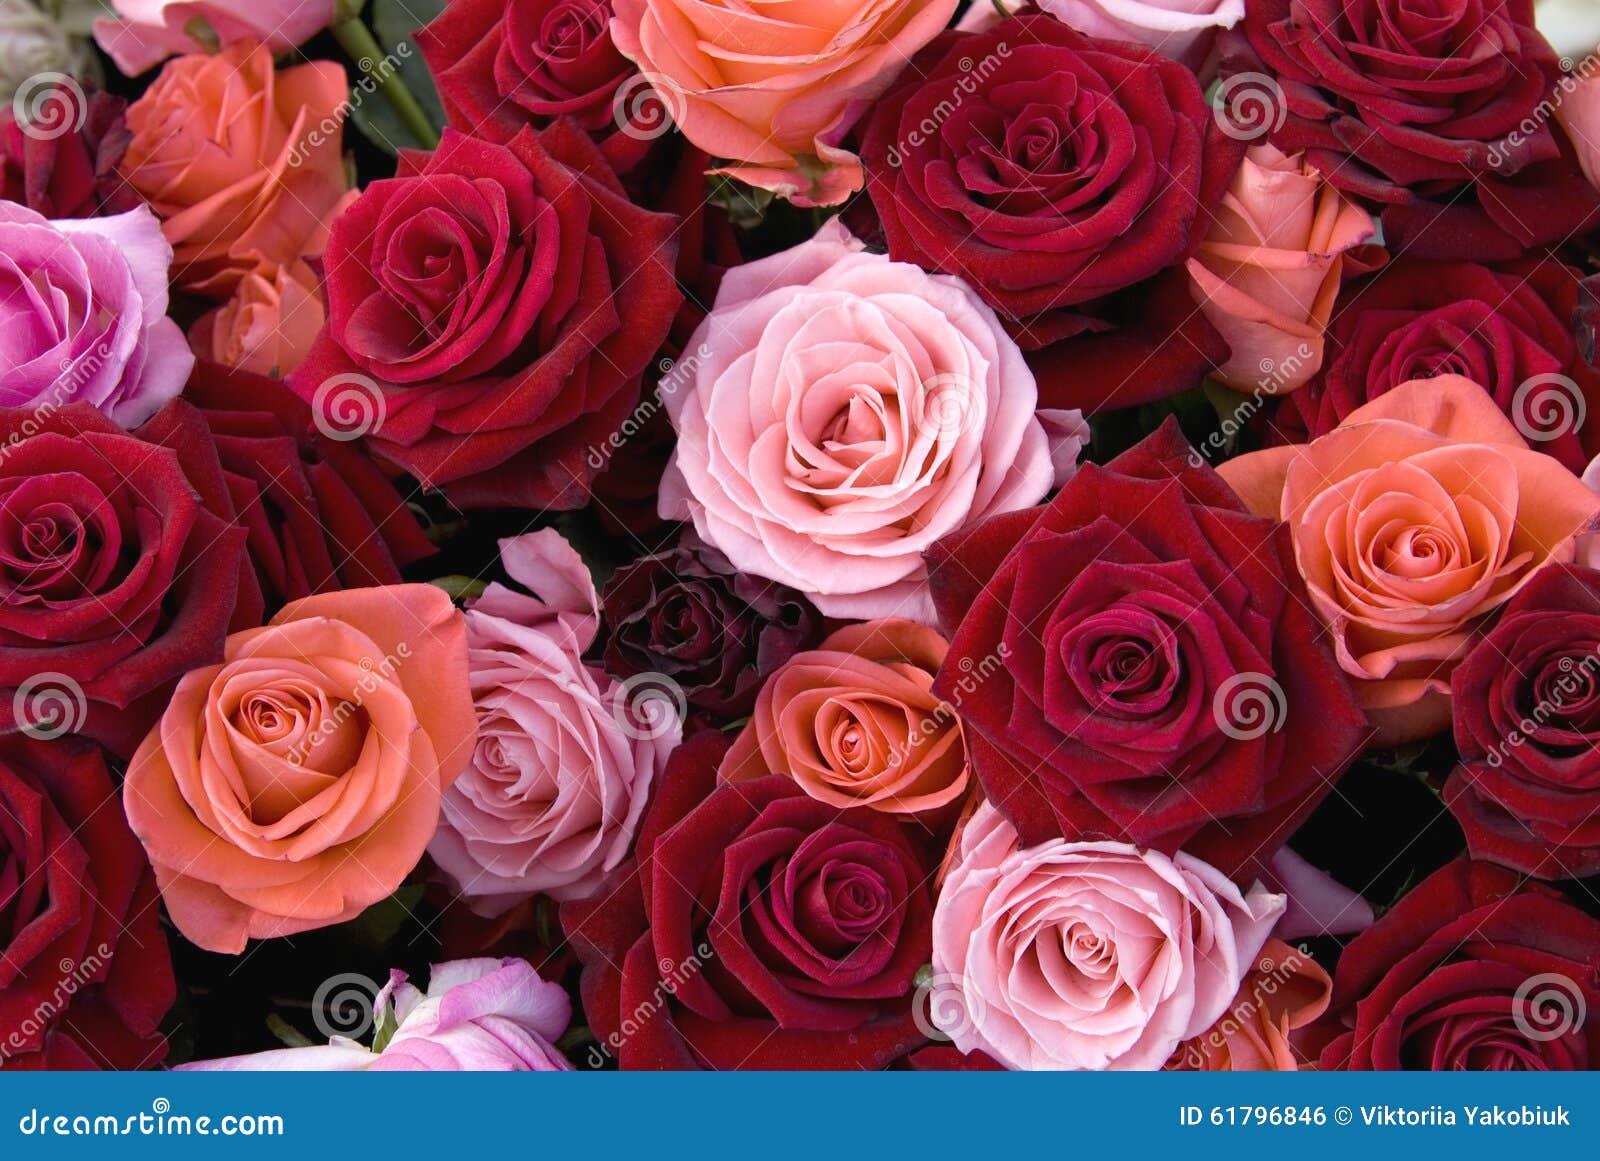 verschiedene farben von rosen stockfoto bild 61796846. Black Bedroom Furniture Sets. Home Design Ideas